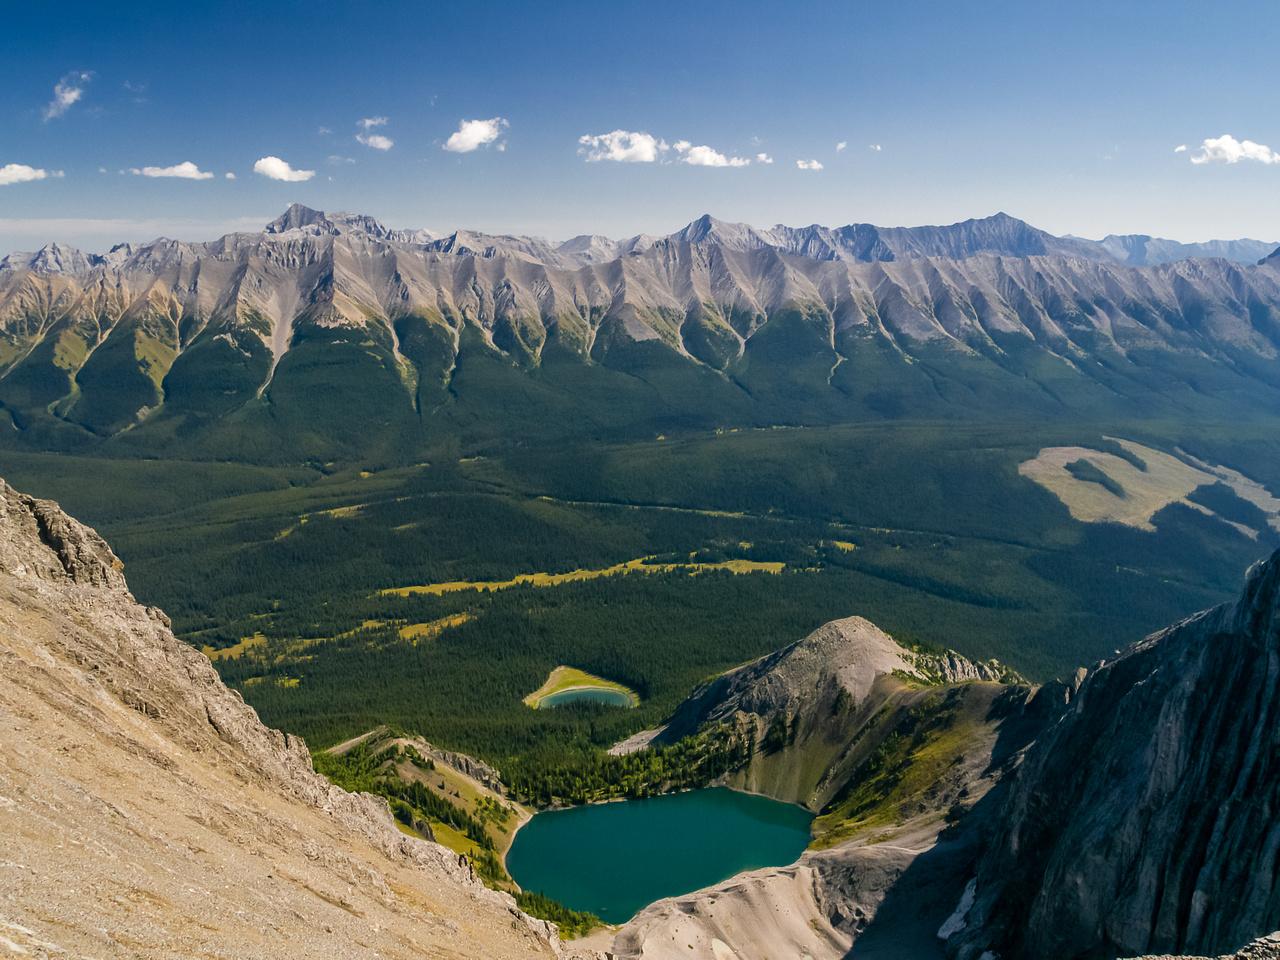 Rae, Storm, Mist, Tyrwhitt & Storelk rise over Fox and Frozen Lakes.